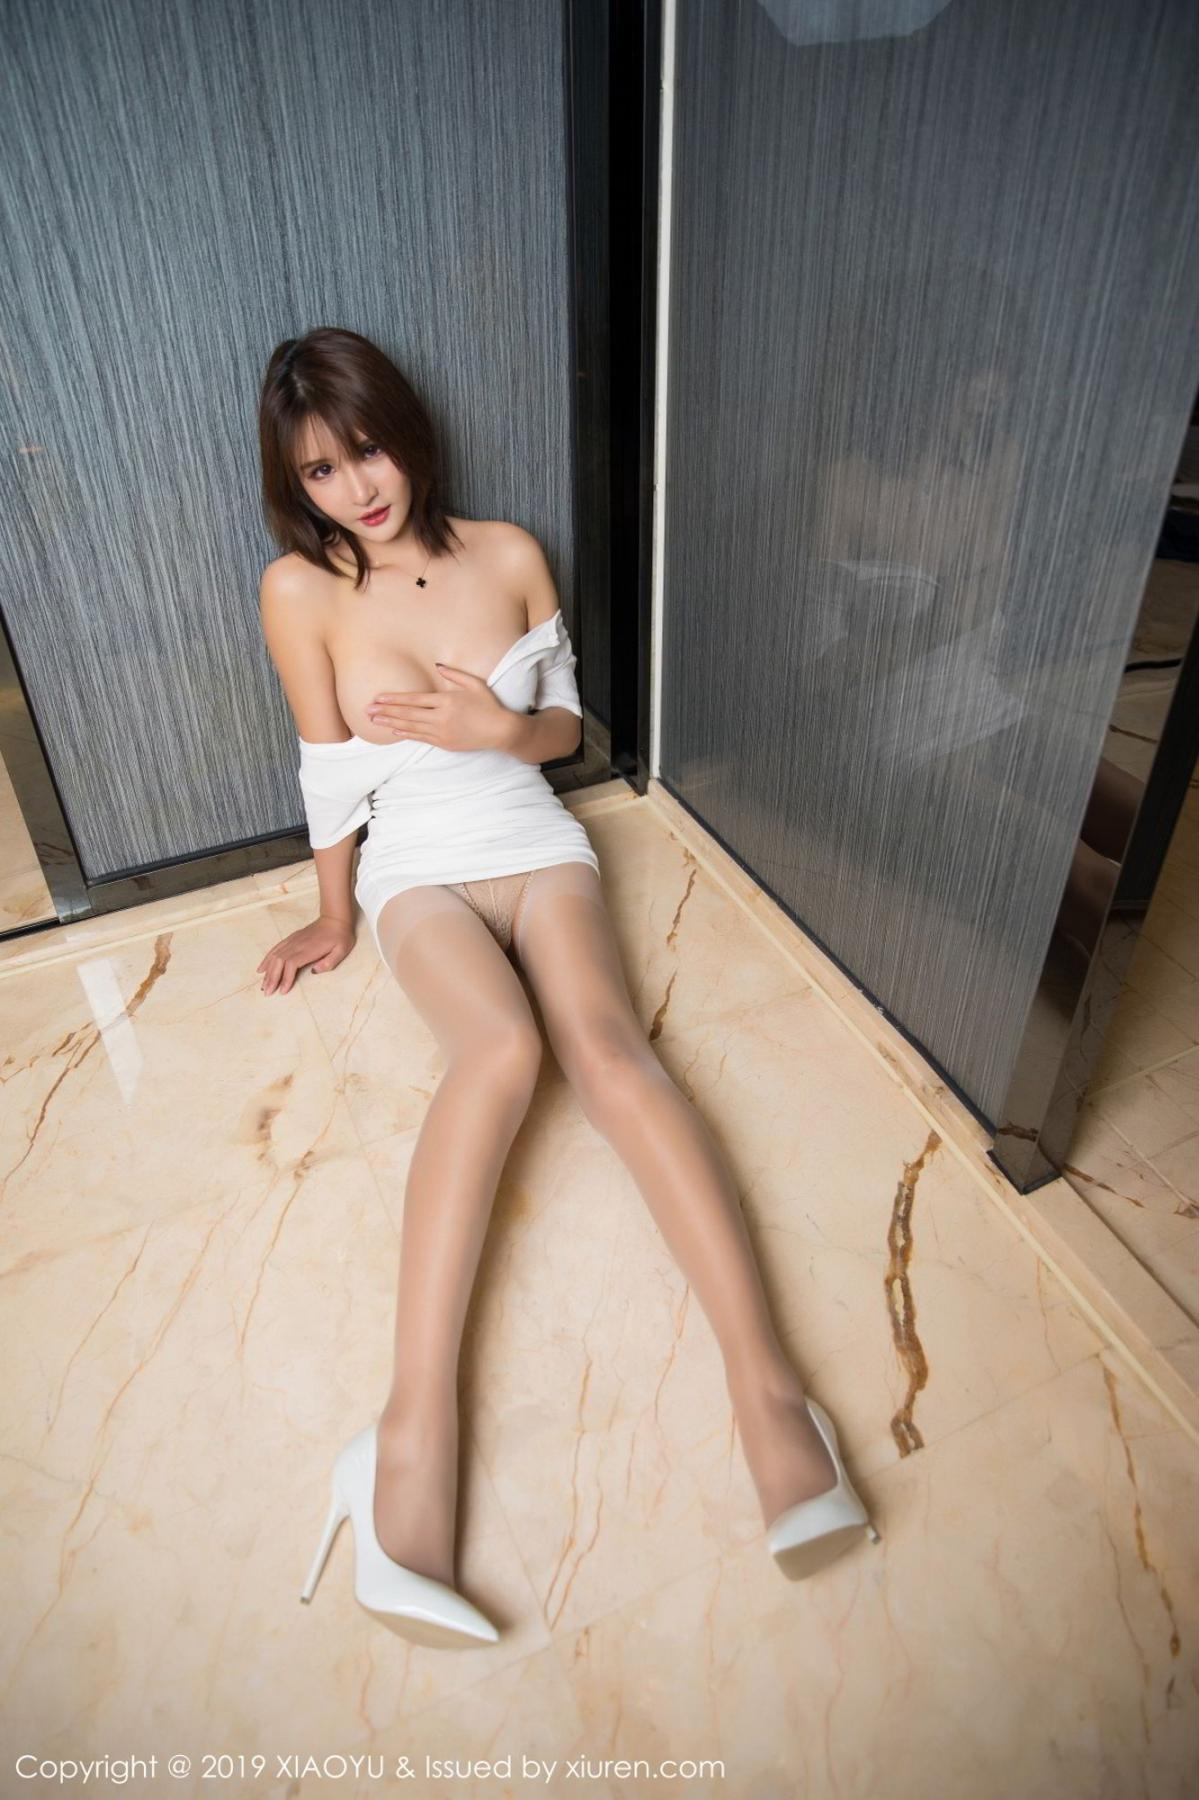 [XiaoYu] Vol.112 Solo Yi Fei 31P, Solo Yi Fei, Underwear, XiaoYu